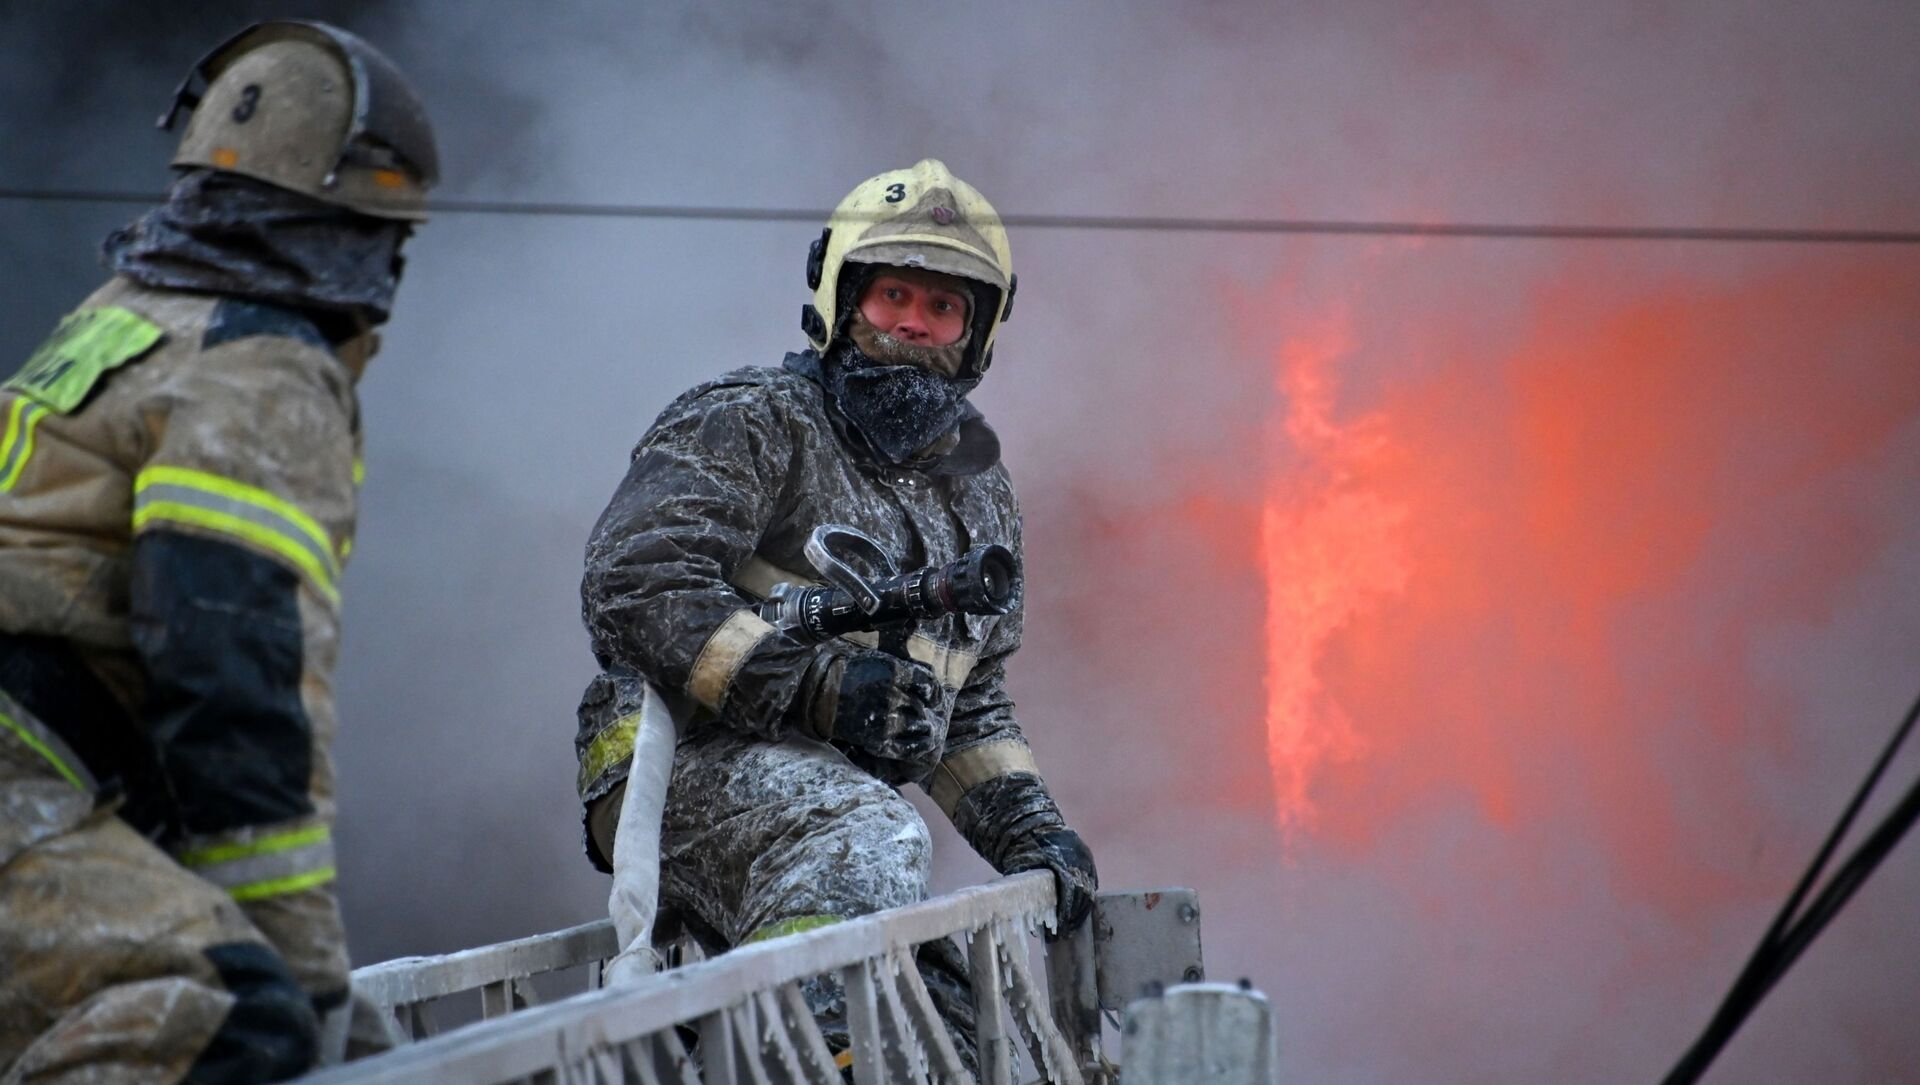 Пожар в здании сервисного обслуживания оборудования в Омске - Sputnik Абхазия, 1920, 04.09.2021